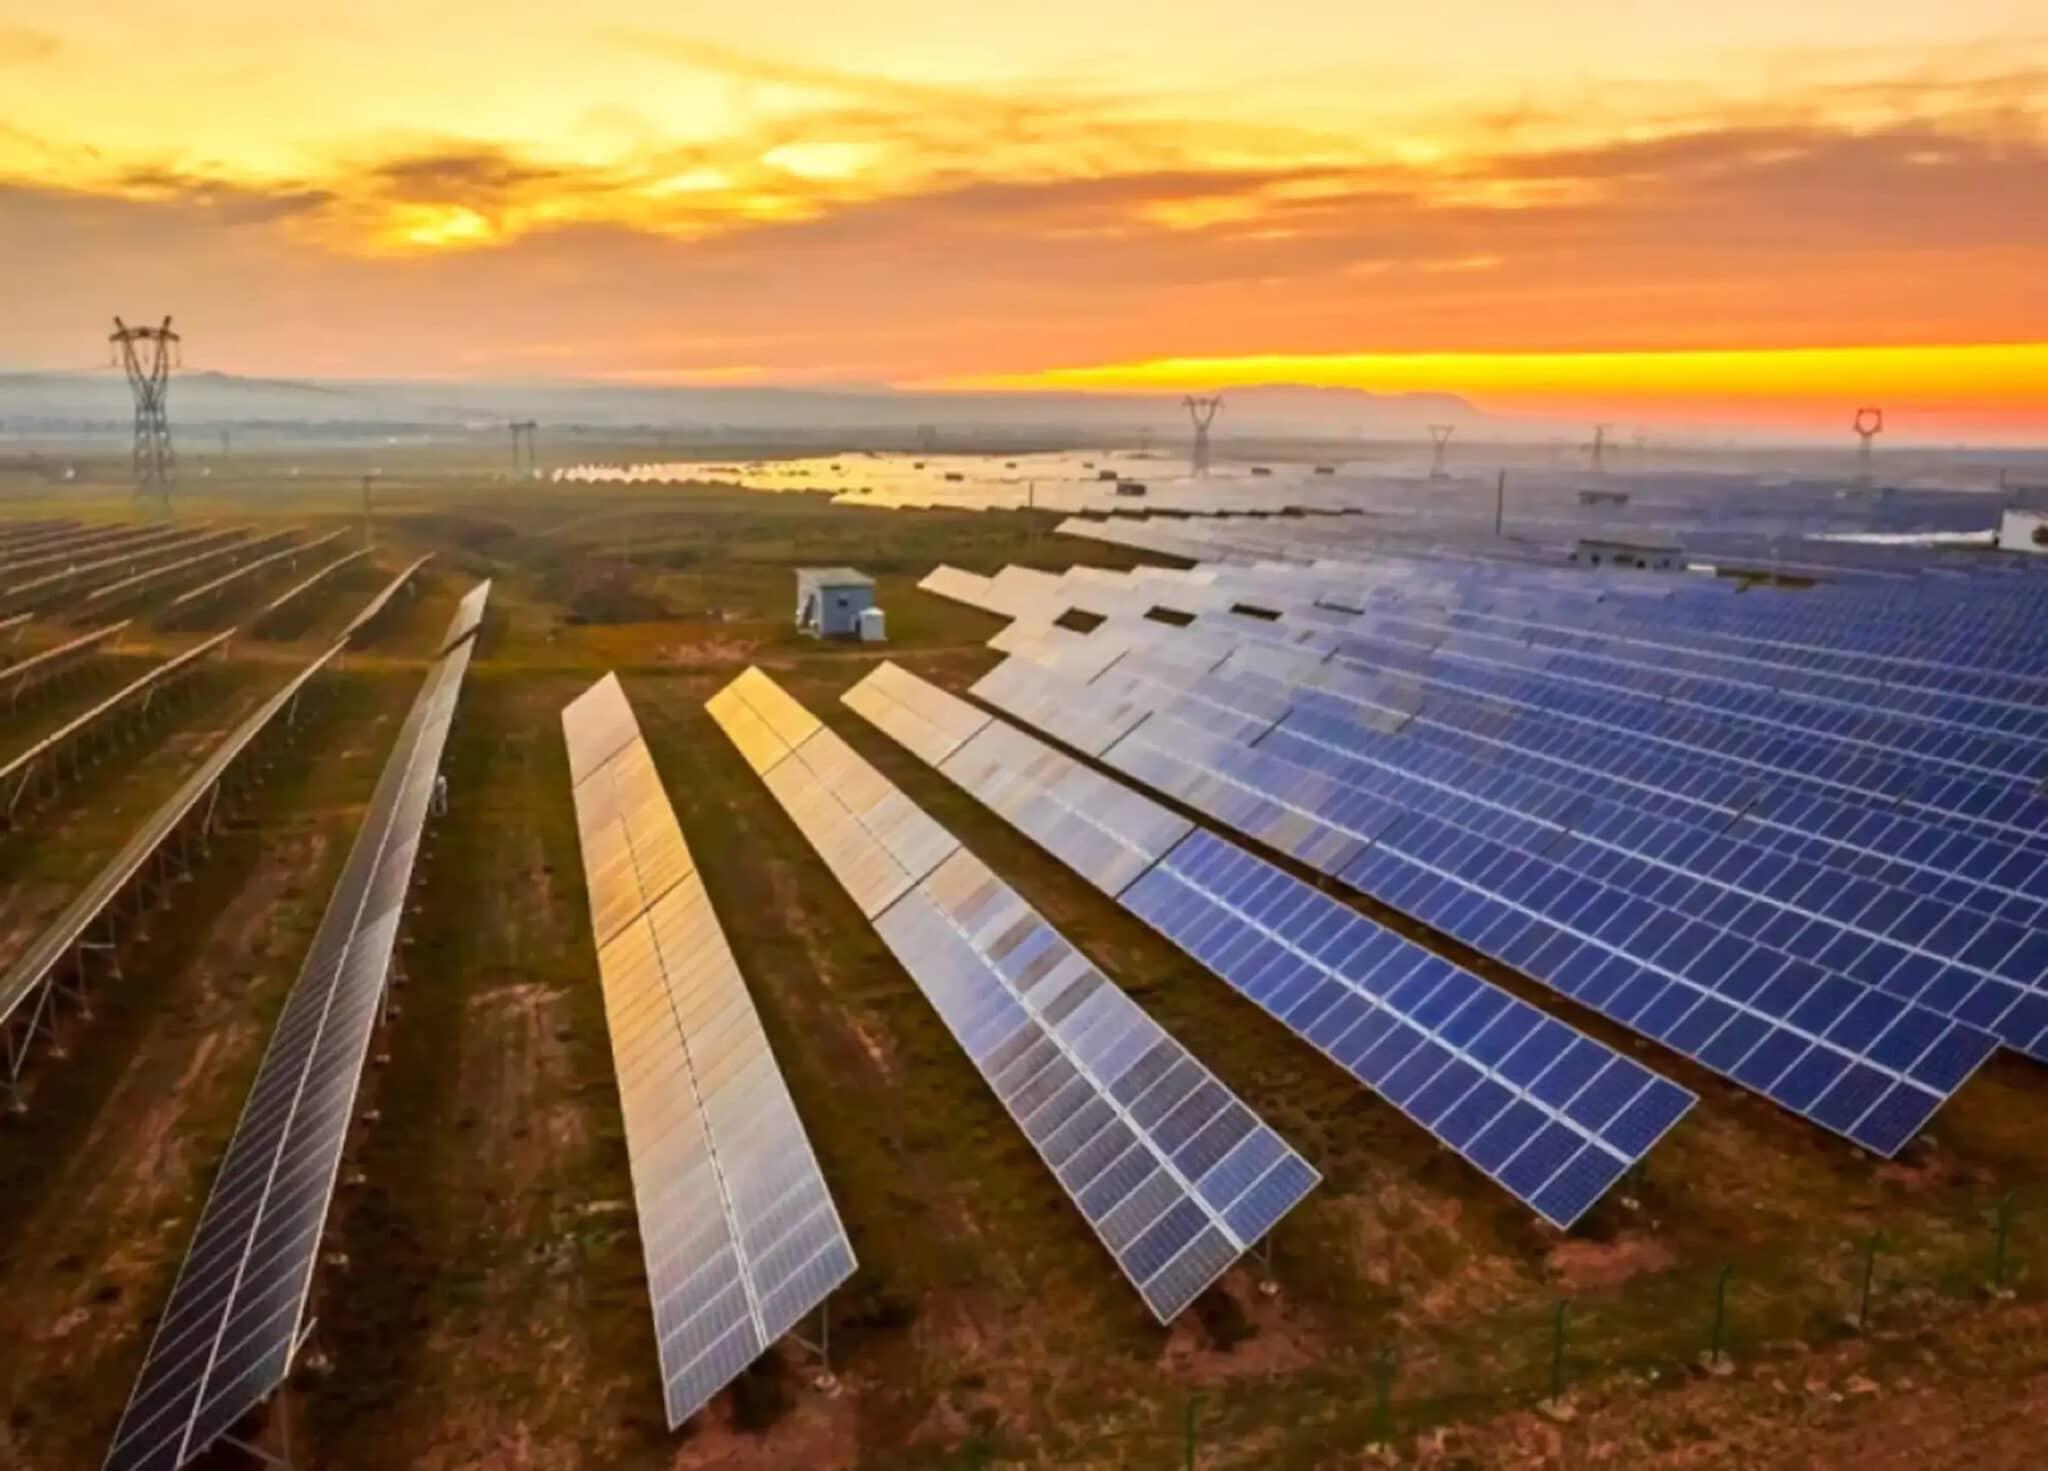 inquinamento, pannelli, covid, solare, fotovoltaico, inquinamento, effetti, confronto, ricerca, insolazione, efficienza, energia, rinnovabili, news, Close-up Engineering